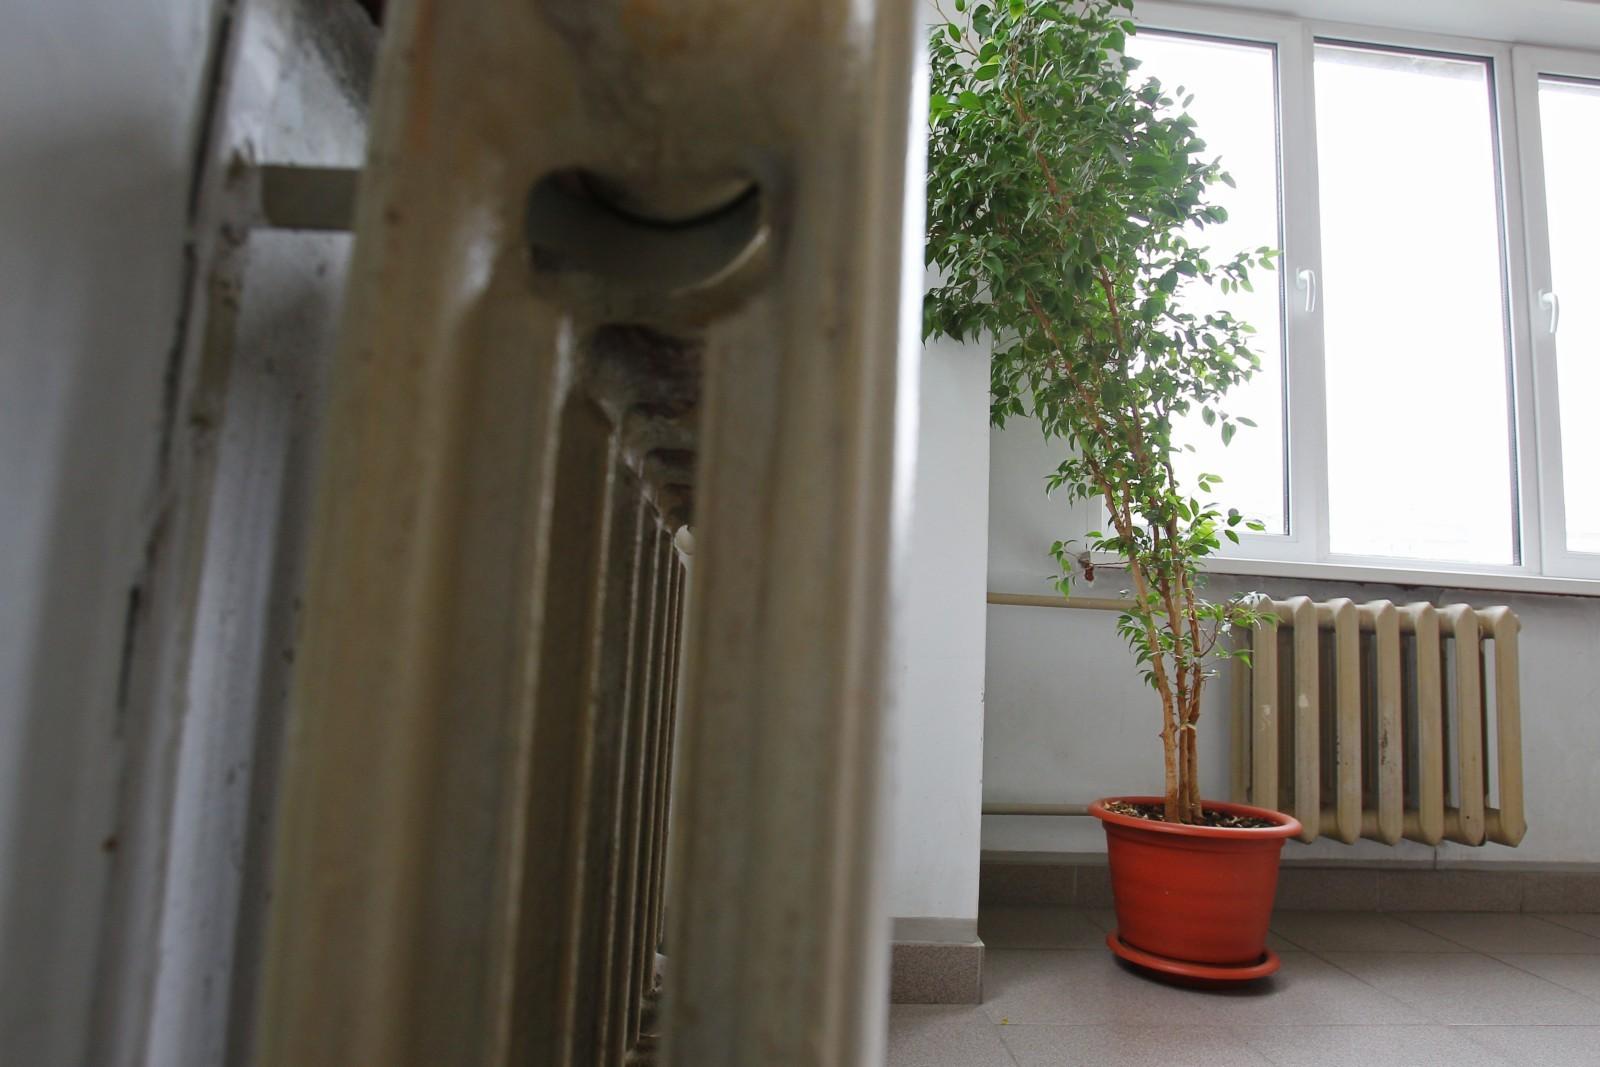 Деревце в кадке у батареи в московской квартире. Отопительный сезон в Москве начался 13 сентября. Мария Девахина / РИА Новости